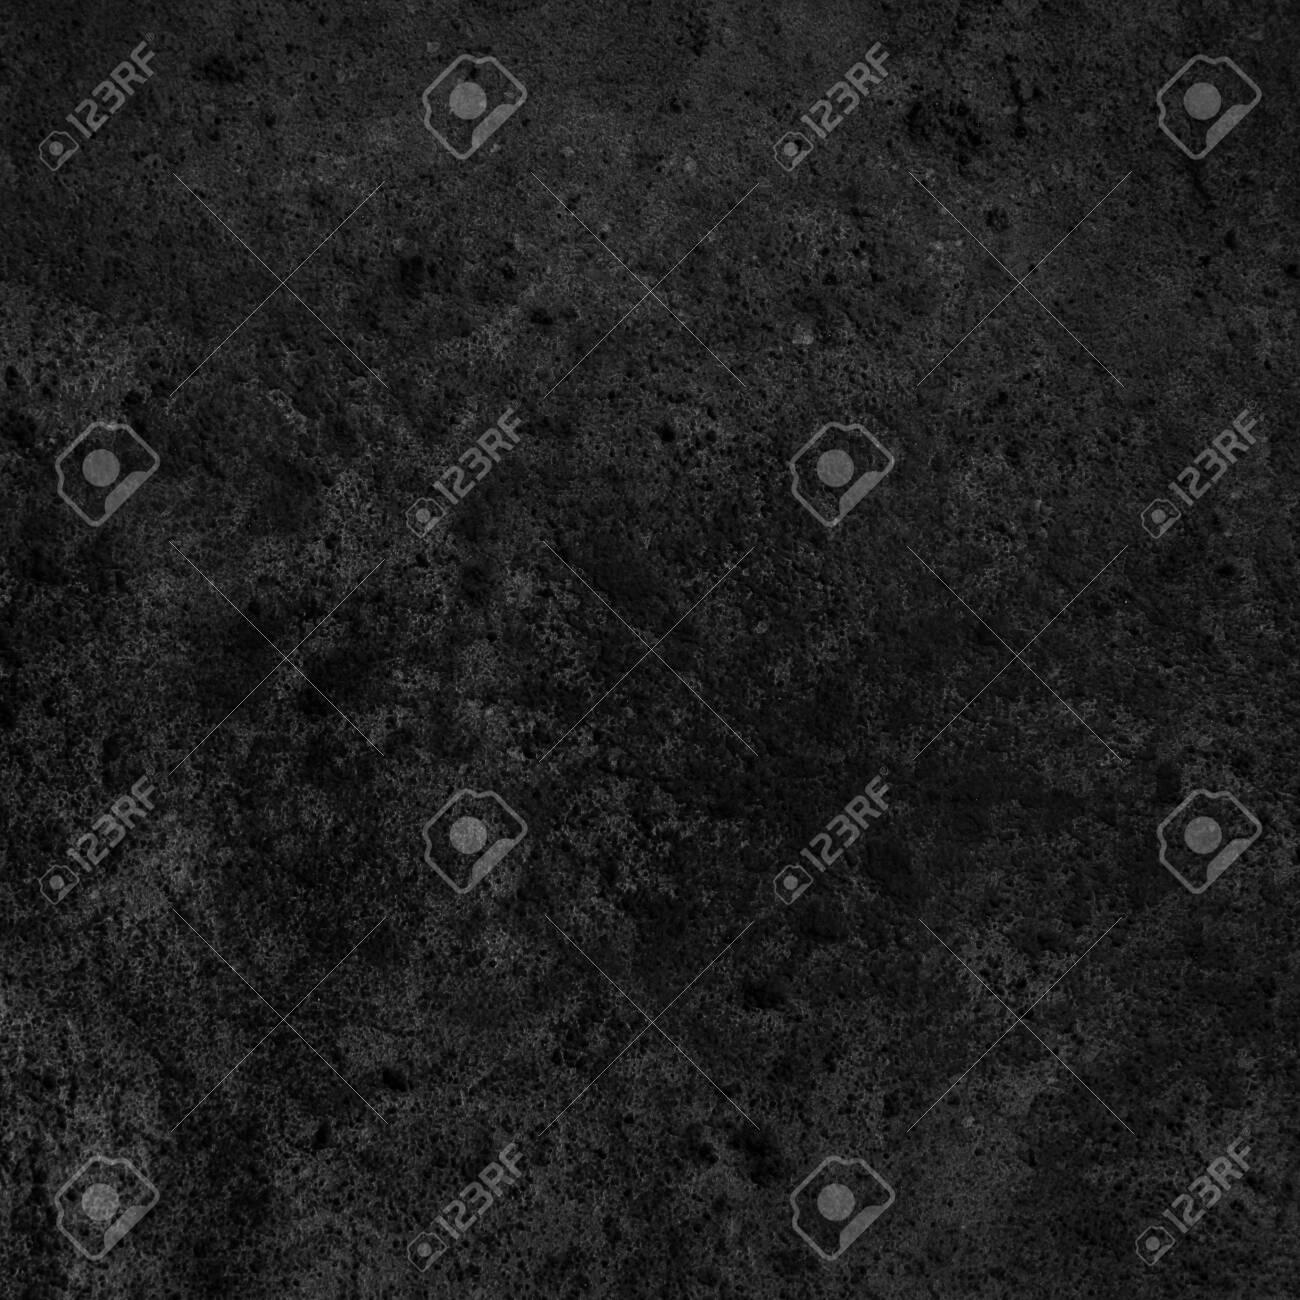 Black stone, slate texture background. Background, stone - 124032092